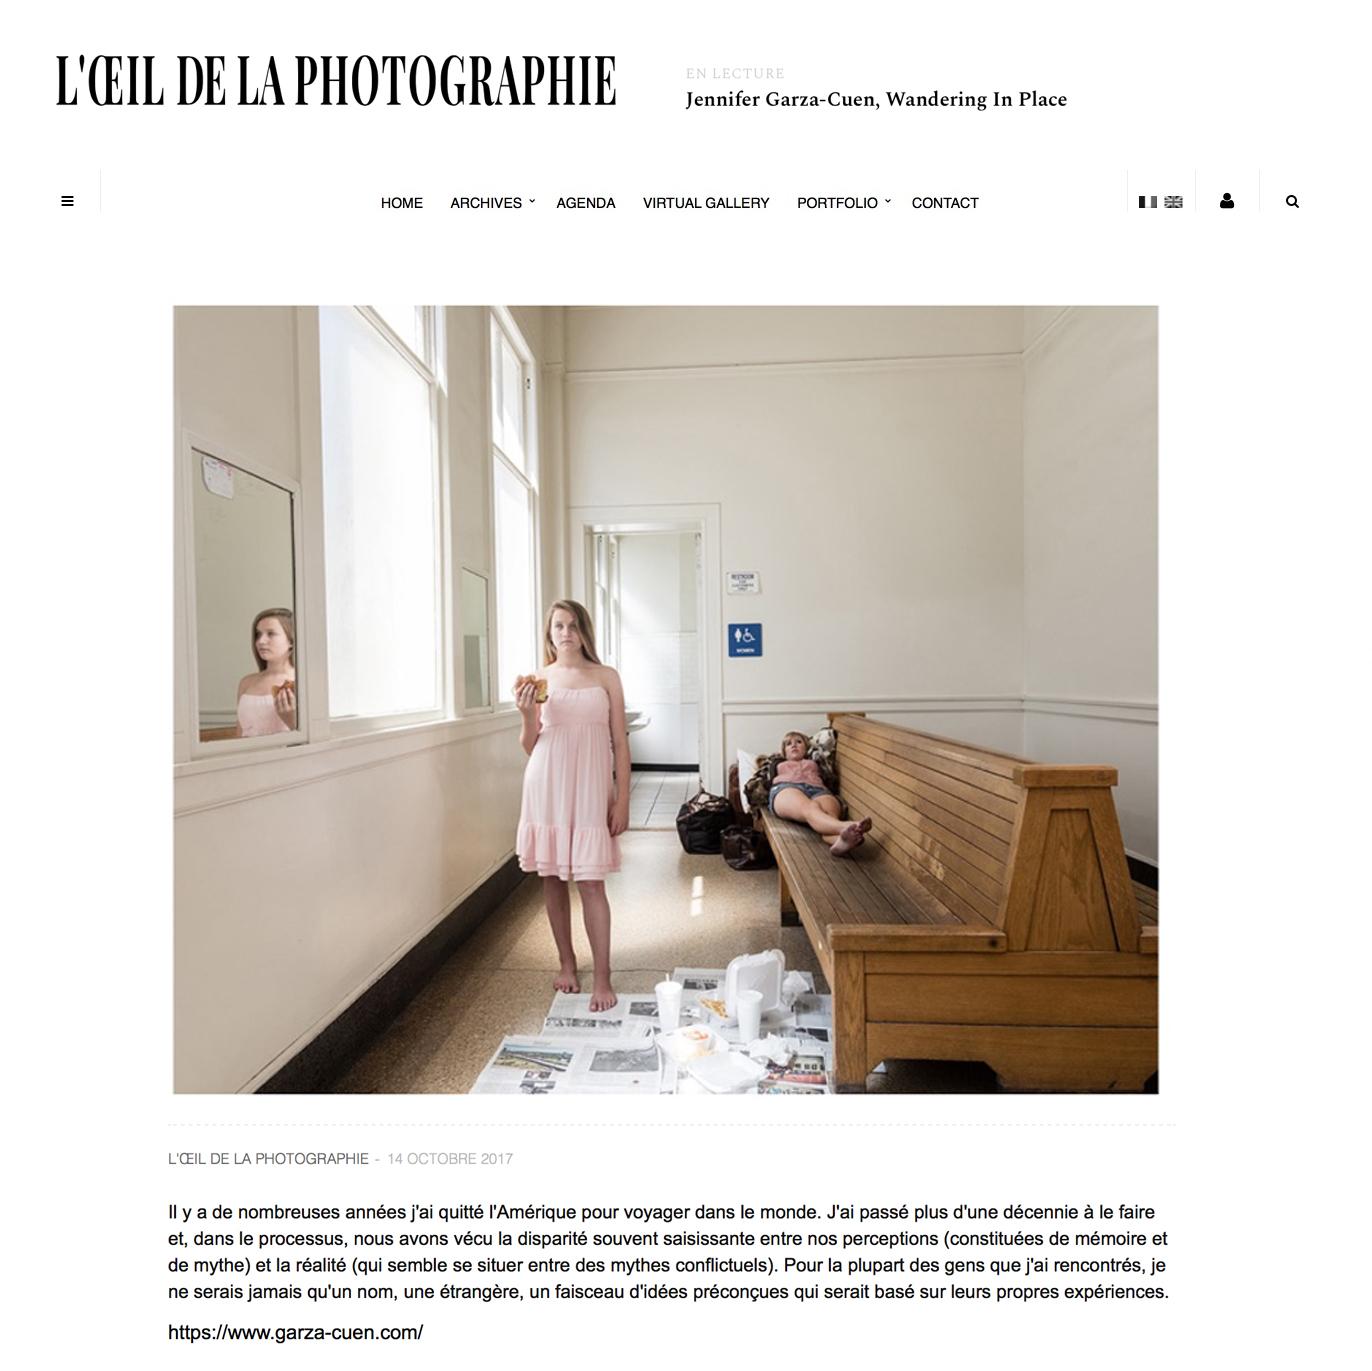 l_c593il-de-la-photographie_001.jpg